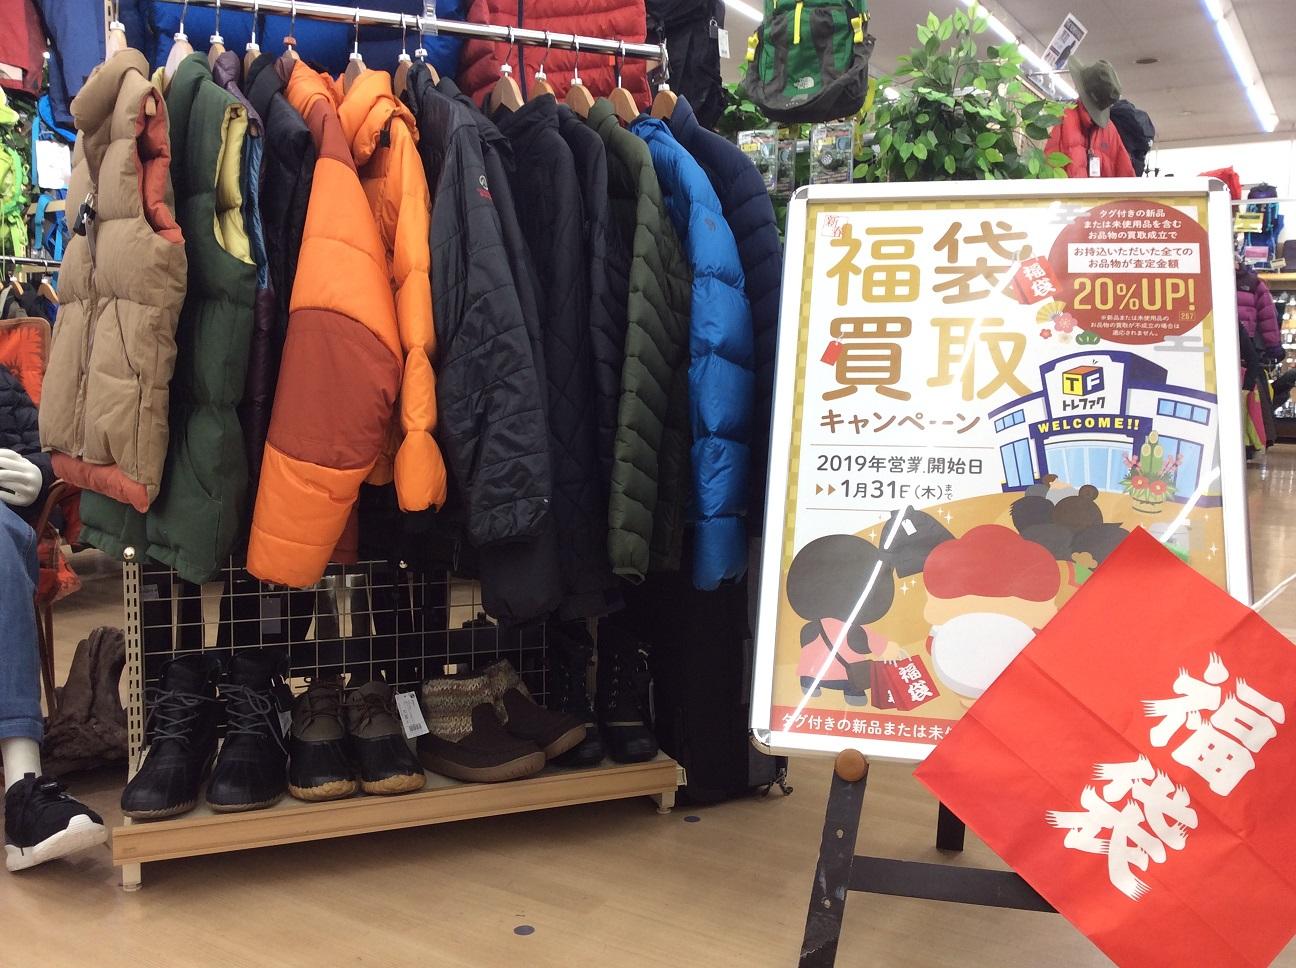 【スポーツ柏】売るなら今月!福袋買取キャンペーン終了まで残り1週間!